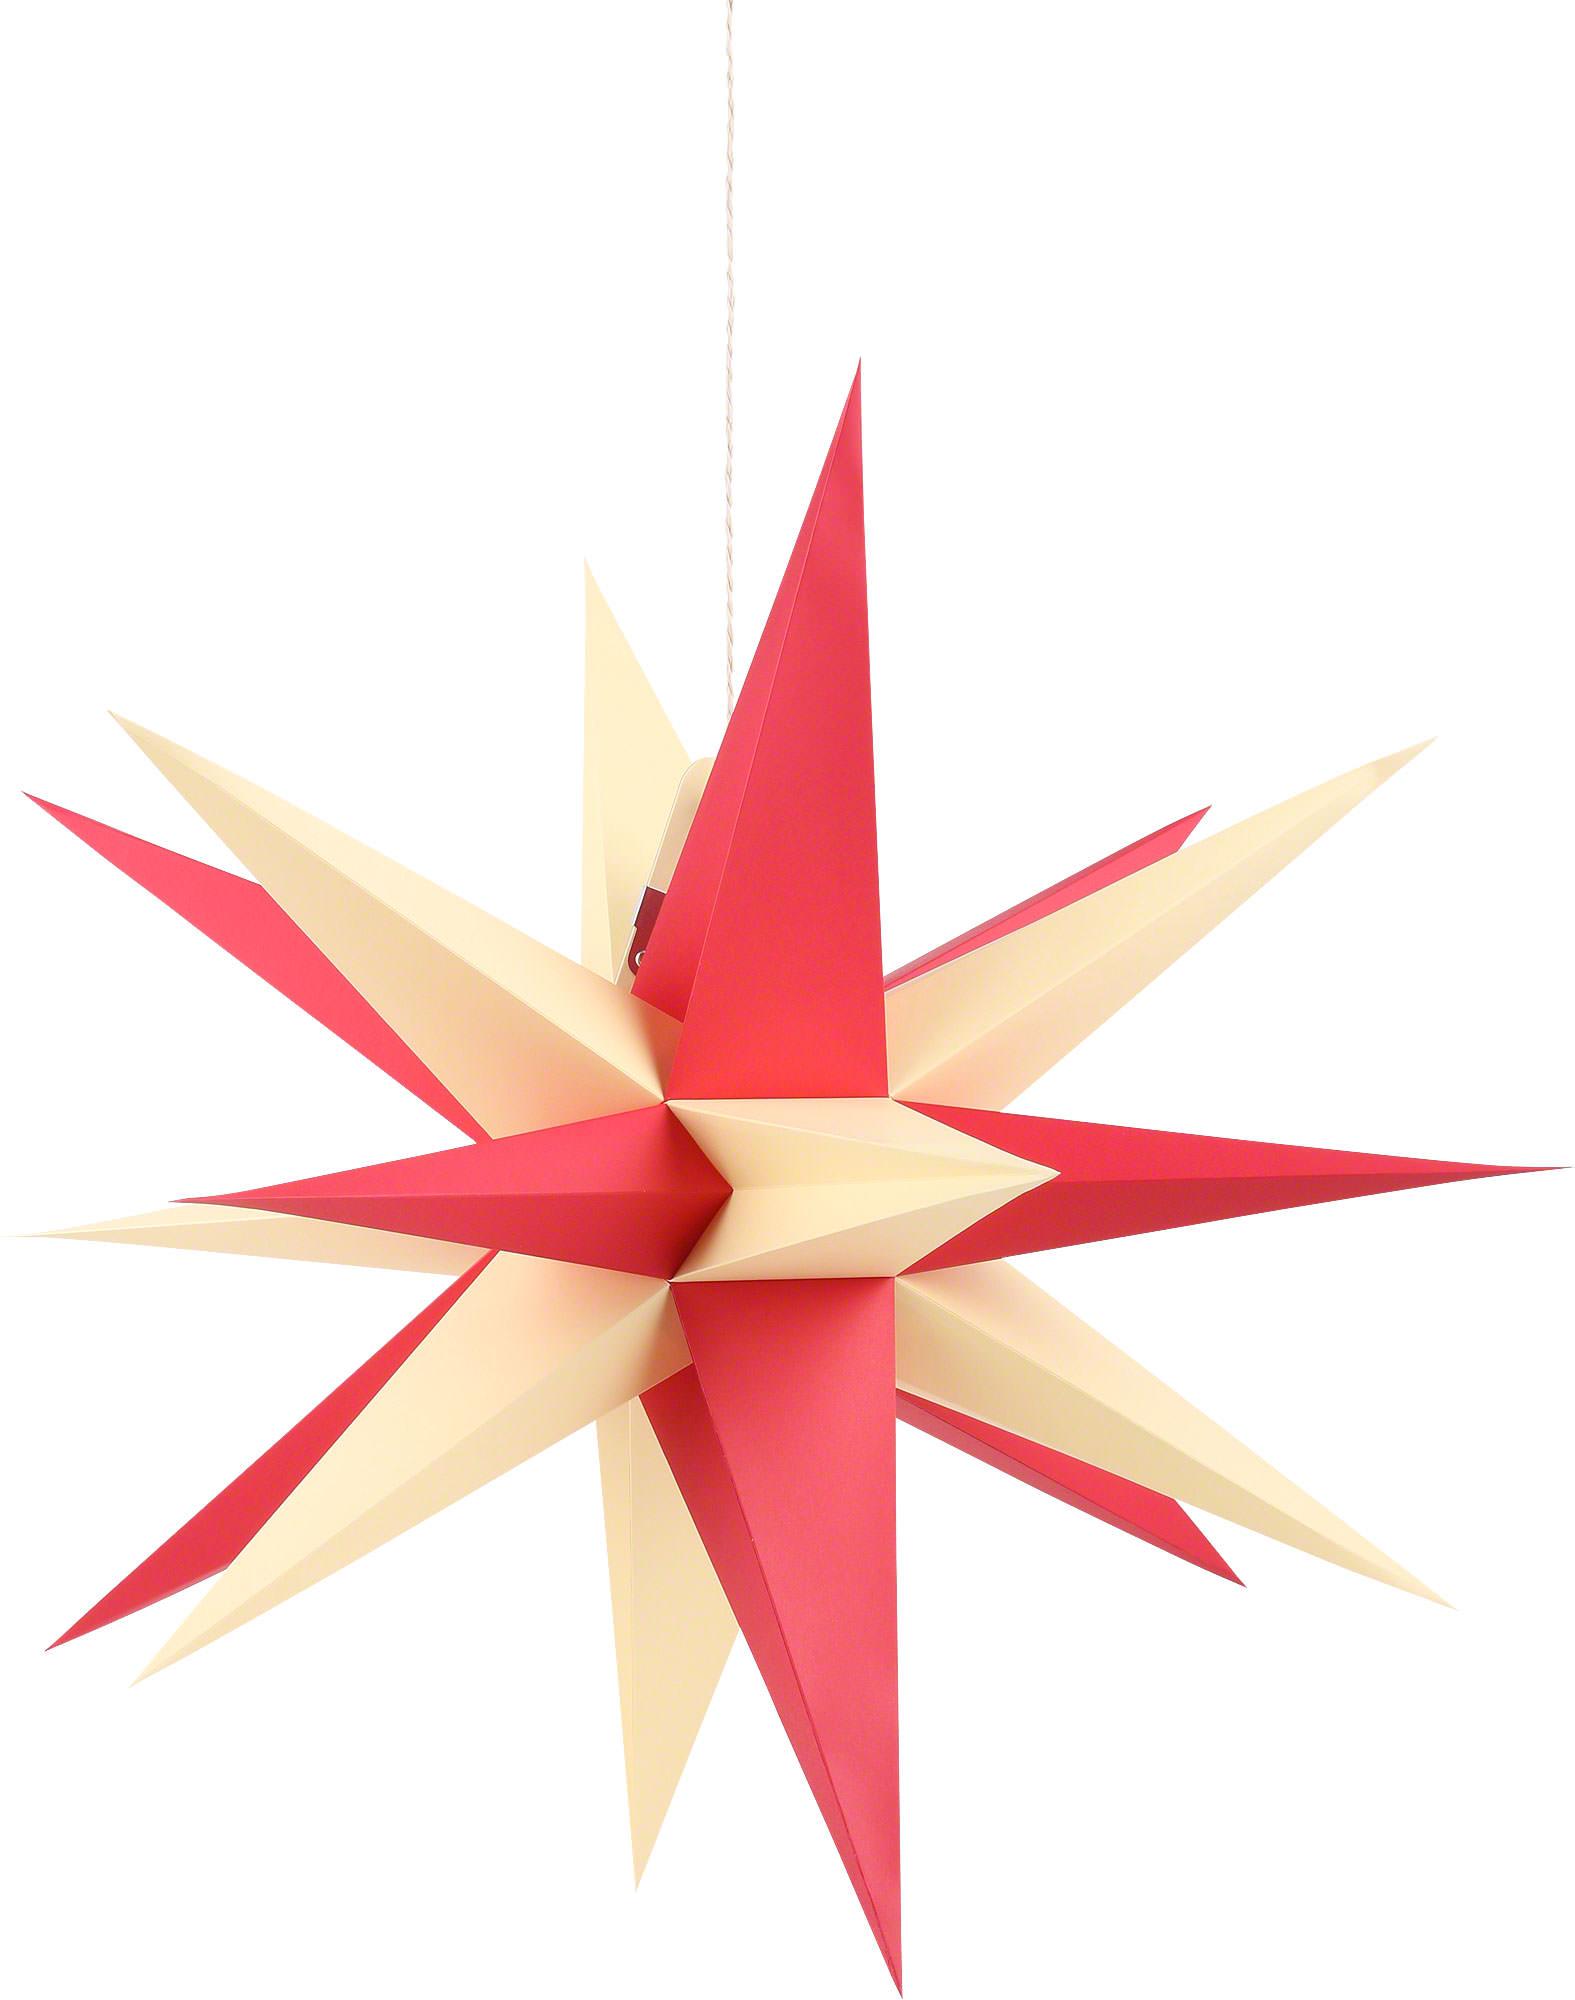 Rot-Gelb 35cm Erzgebirge Annaberger Faltstern Weihnachtsstern